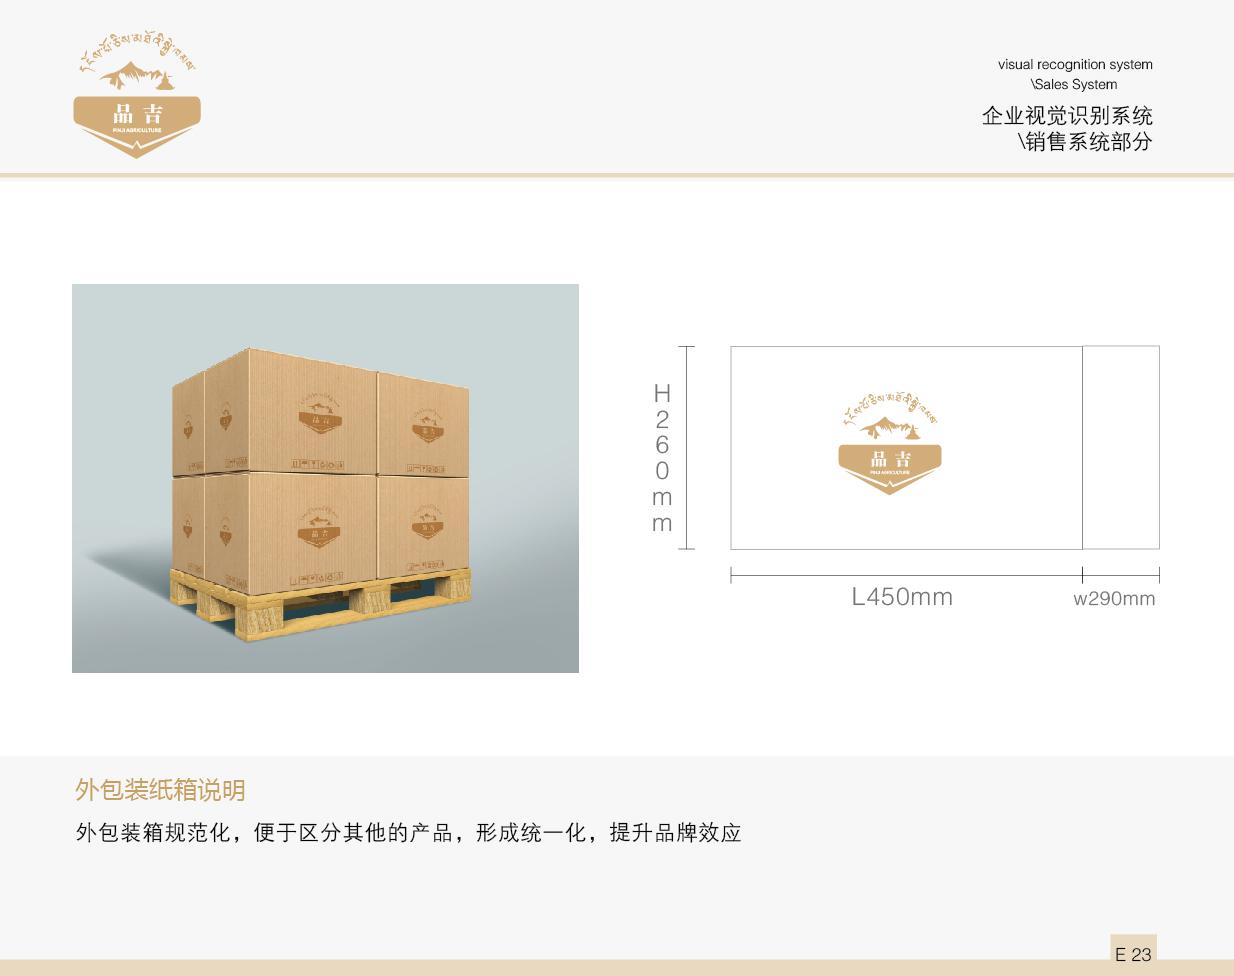 品吉农业VI 销售系统部分  客户资料  第24张